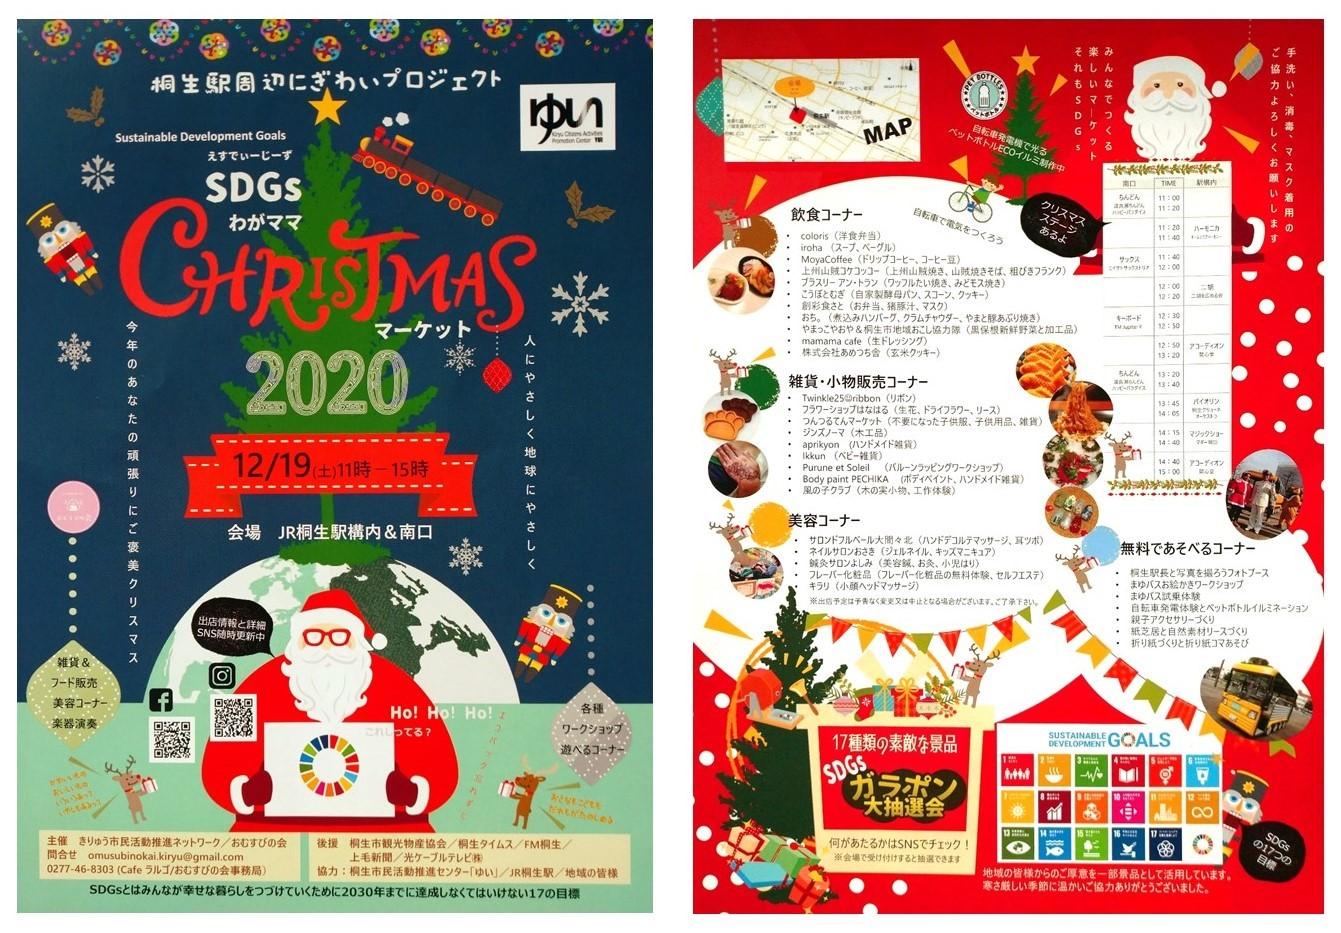 SDGsわがママクリスマスマーケット